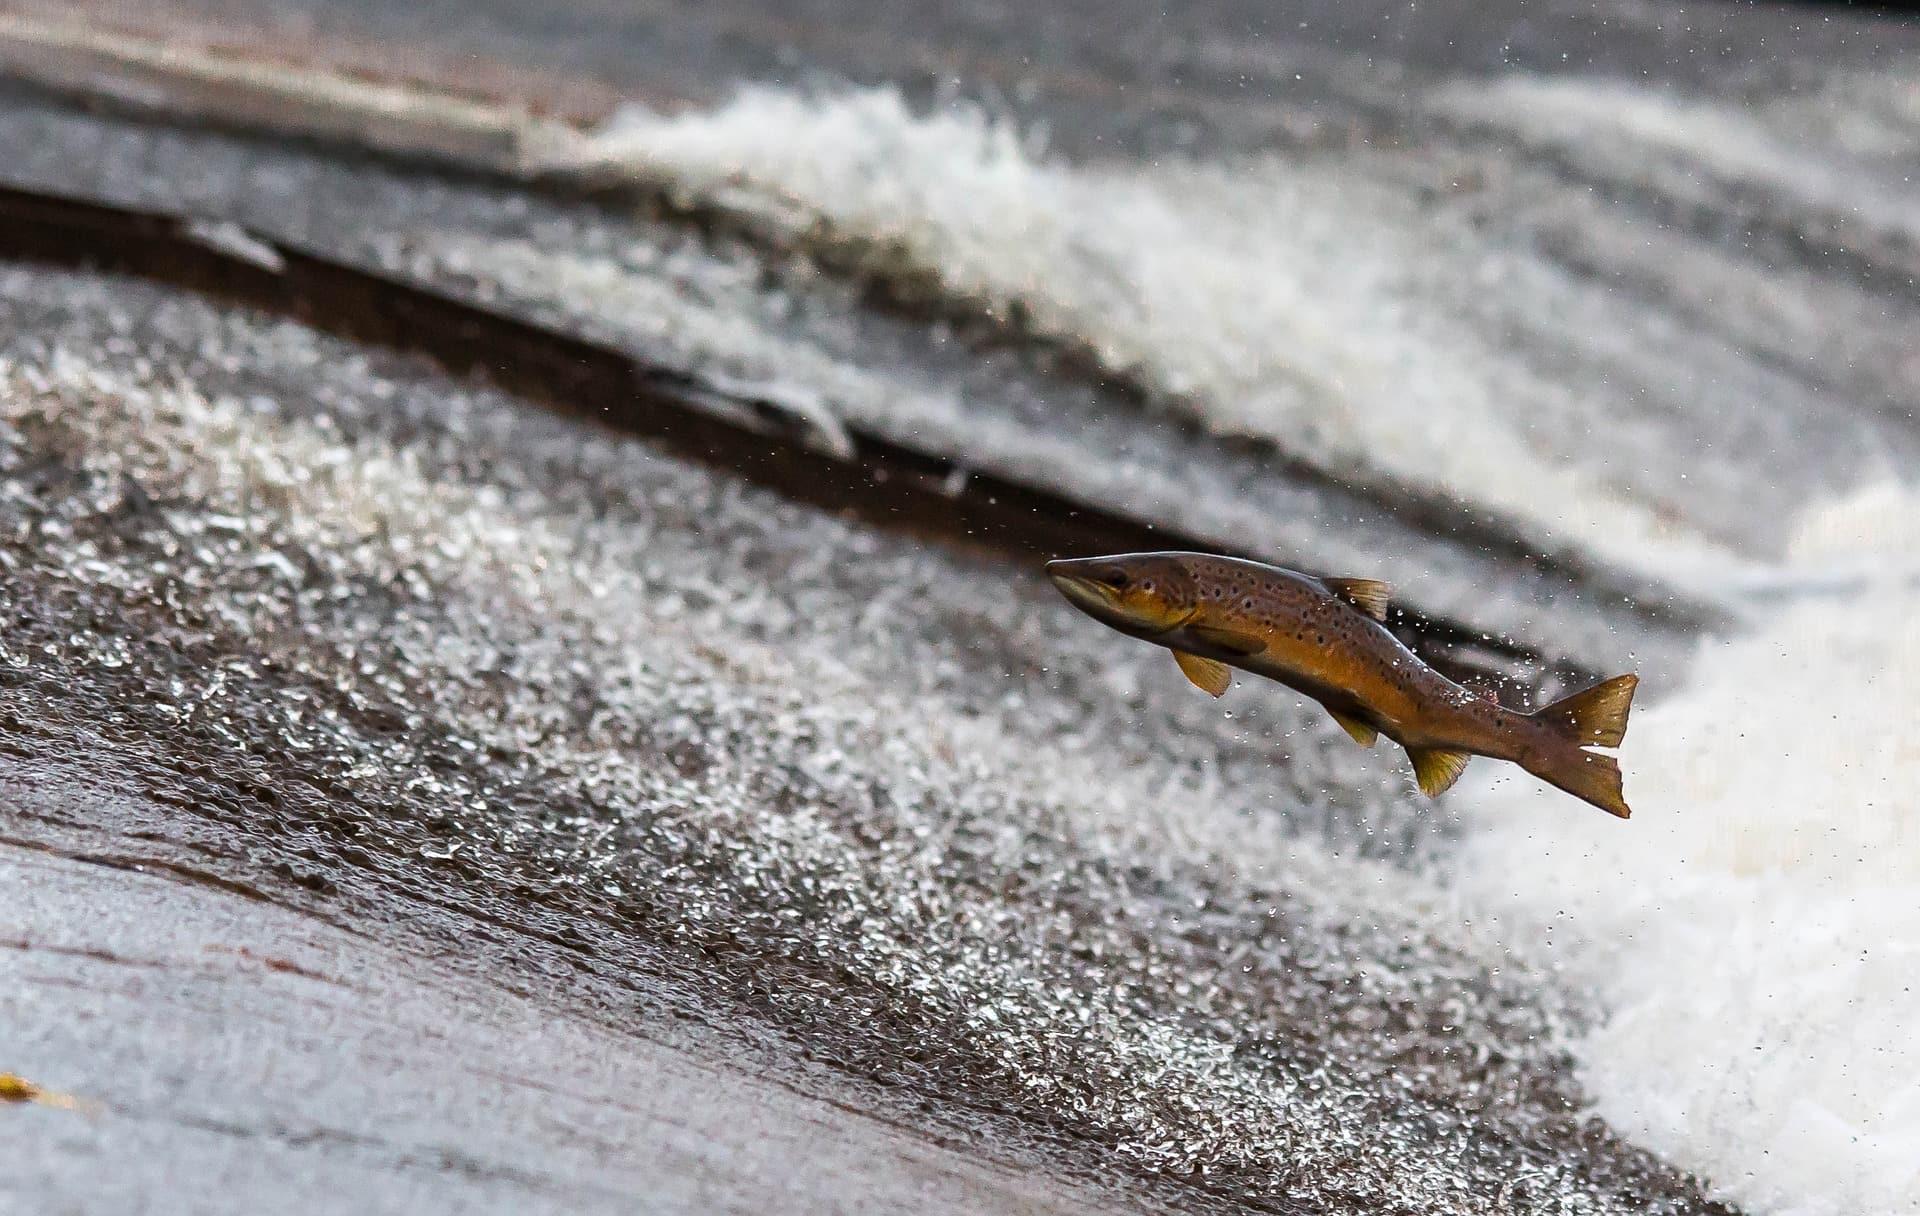 魚がジャンプする4つの理由を解説 もし人間が同じこと出来たら?